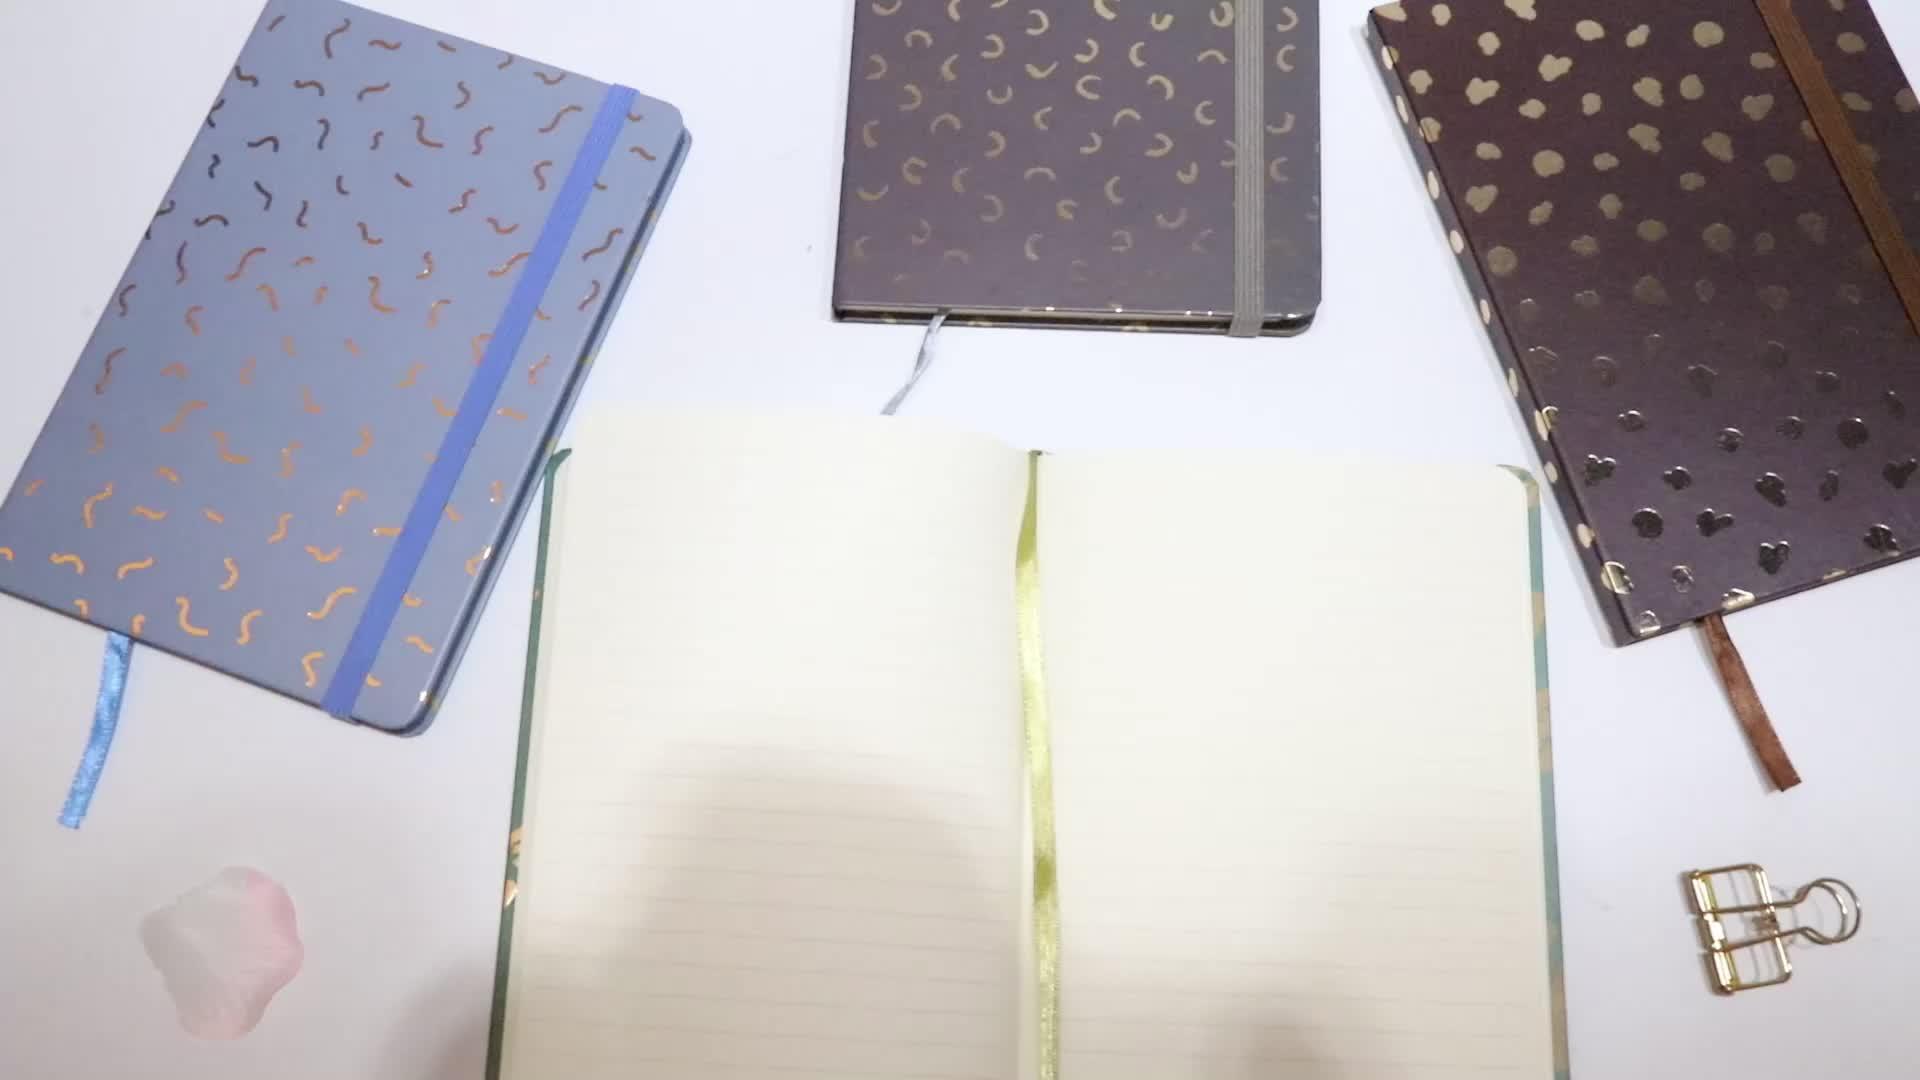 2019 Desain Baru Mewah Stempel Panas Kualitas Tinggi Hadiah Kustom Logo Dilapisi A5 Hardcover Notebook dengan Tali Elastis